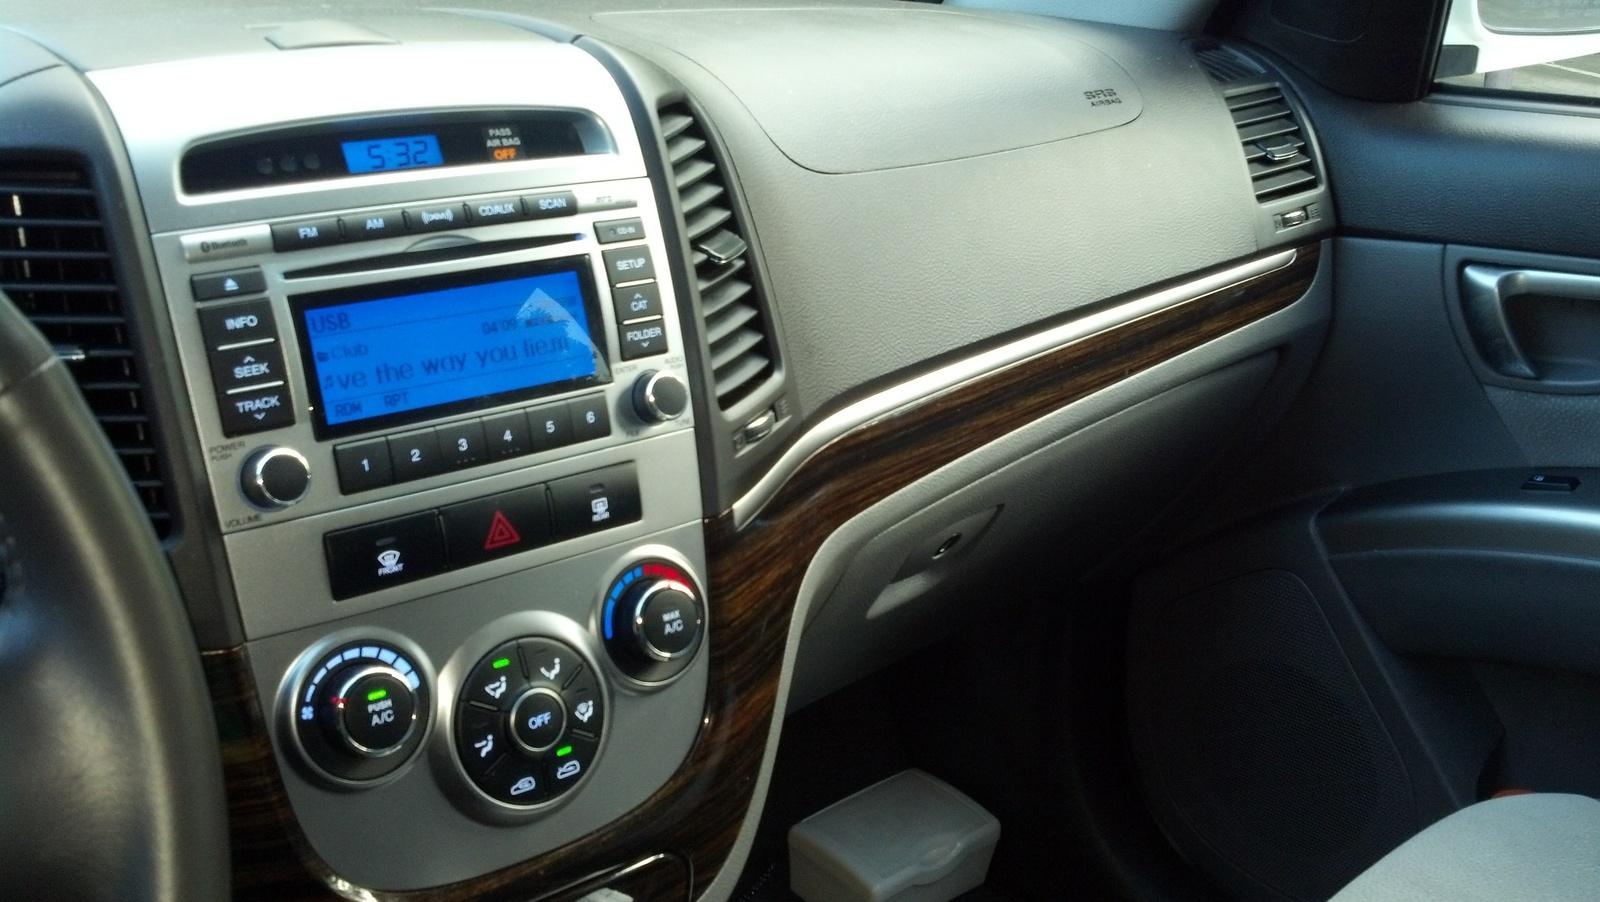 2012 Hyundai Santa Fe Interior Pictures Cargurus